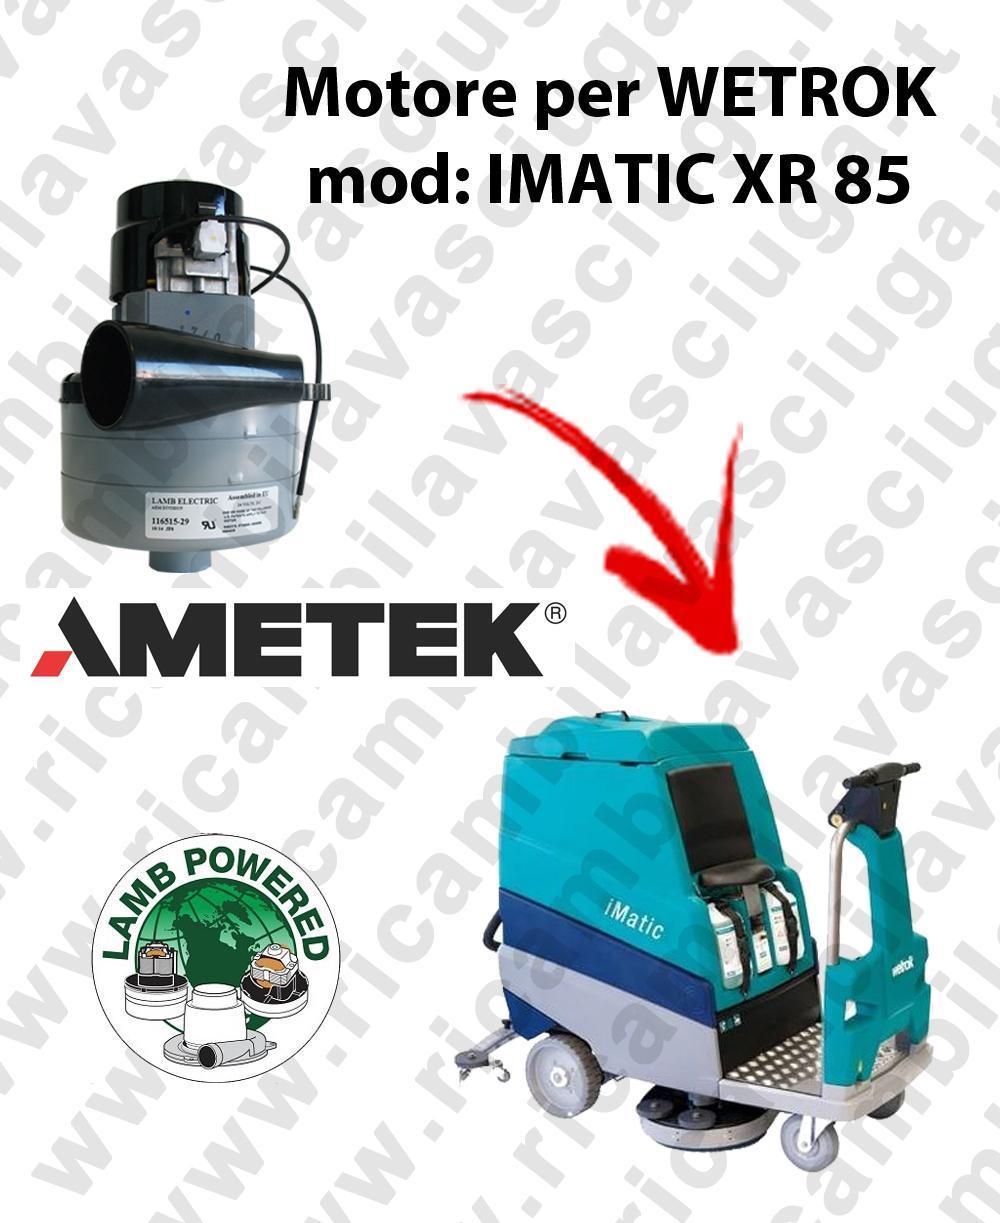 IMATIC XR 85 MOTEUR ASPIRATION LAMB AMATEK pour autolaveuses WETROK